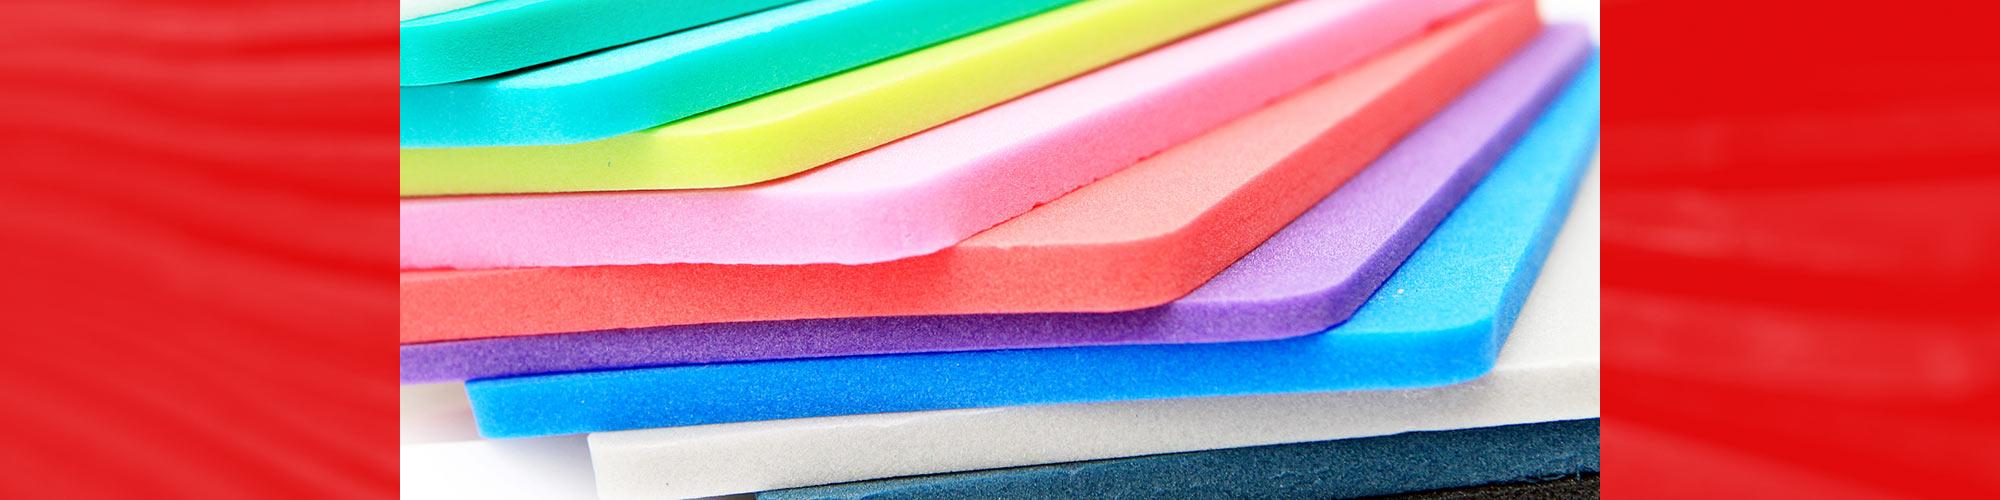 Colour Faom Grades